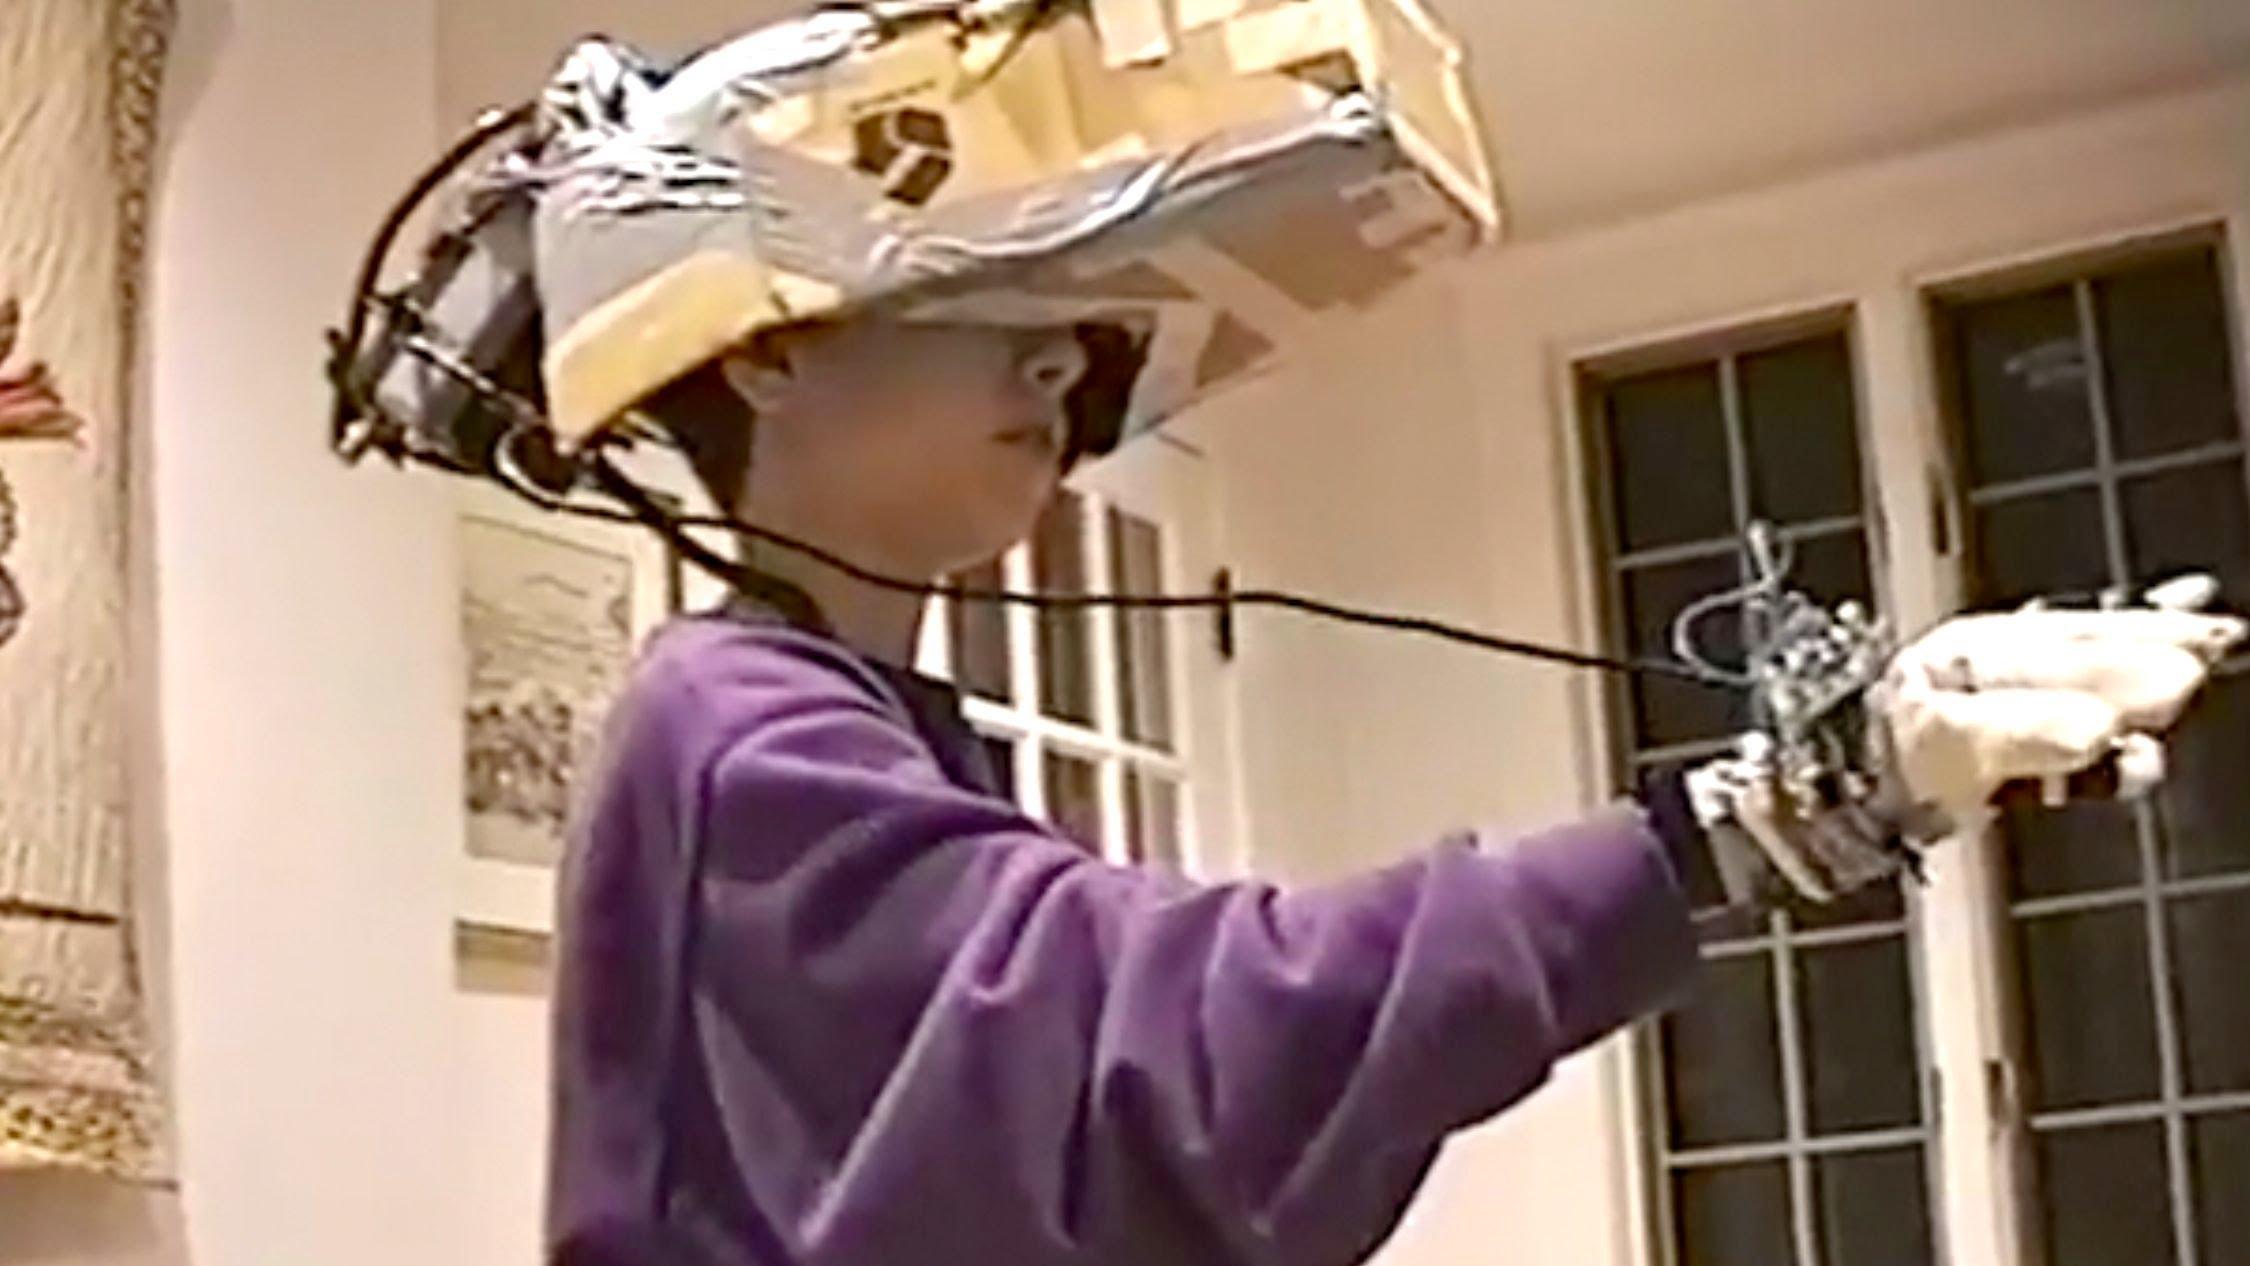 El niño que imaginó en 1993 cómo debería ser un casco de realidad virtual y lo fabricó